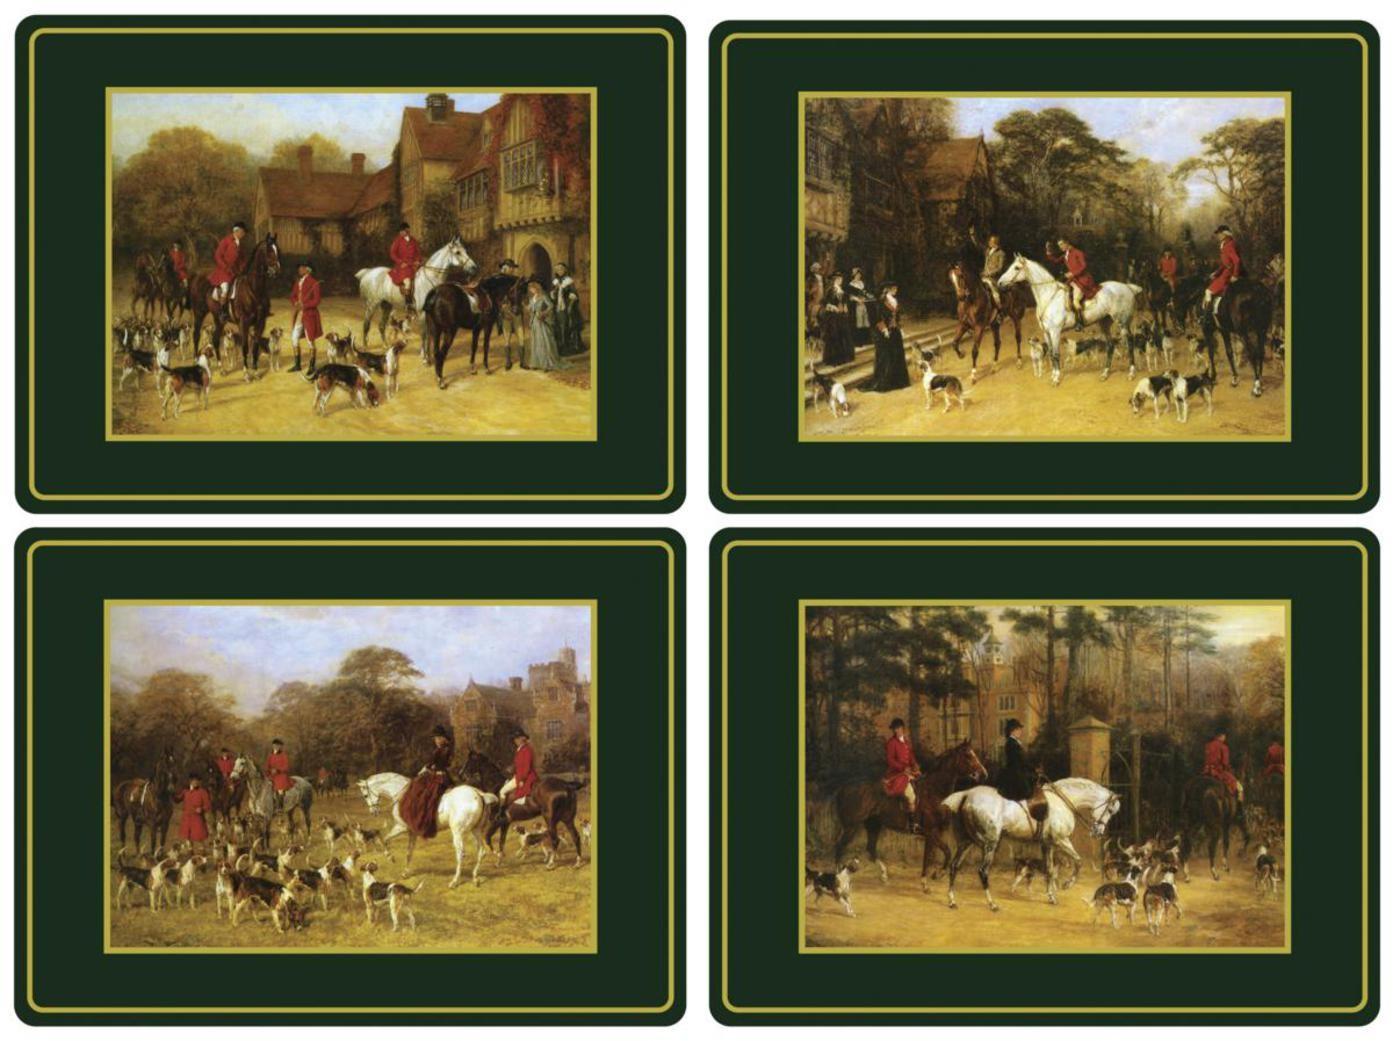 Emejing Set De Table Pimpernel Images - Joshkrajcik.us - joshkrajcik.us